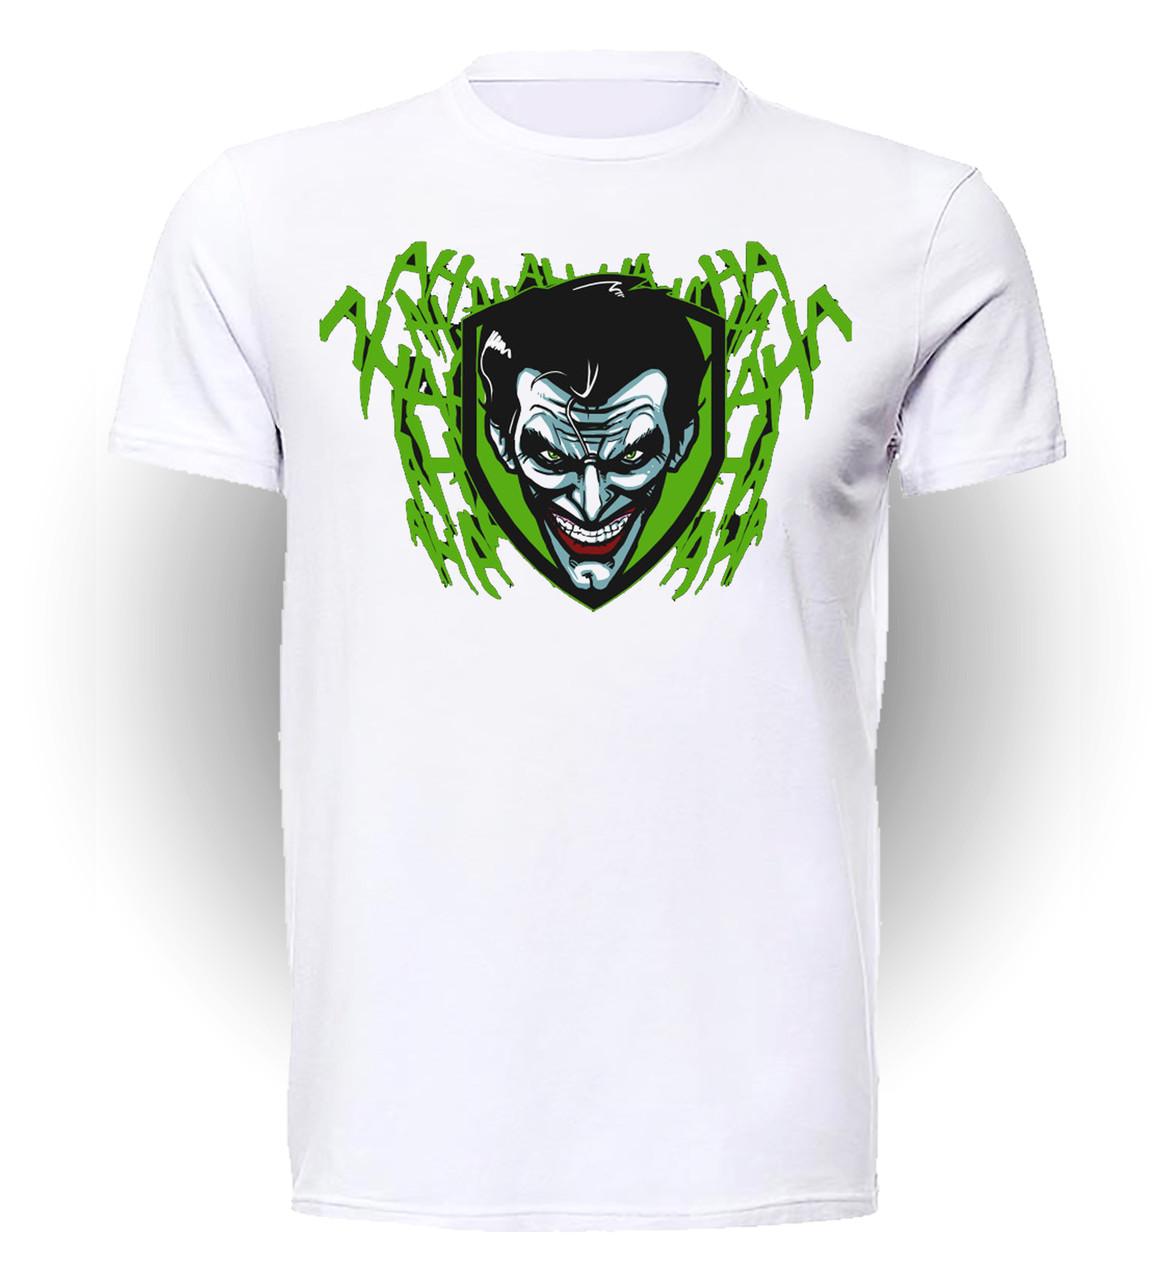 Футболка GeekLand Джокер Joker лого JO.01.034